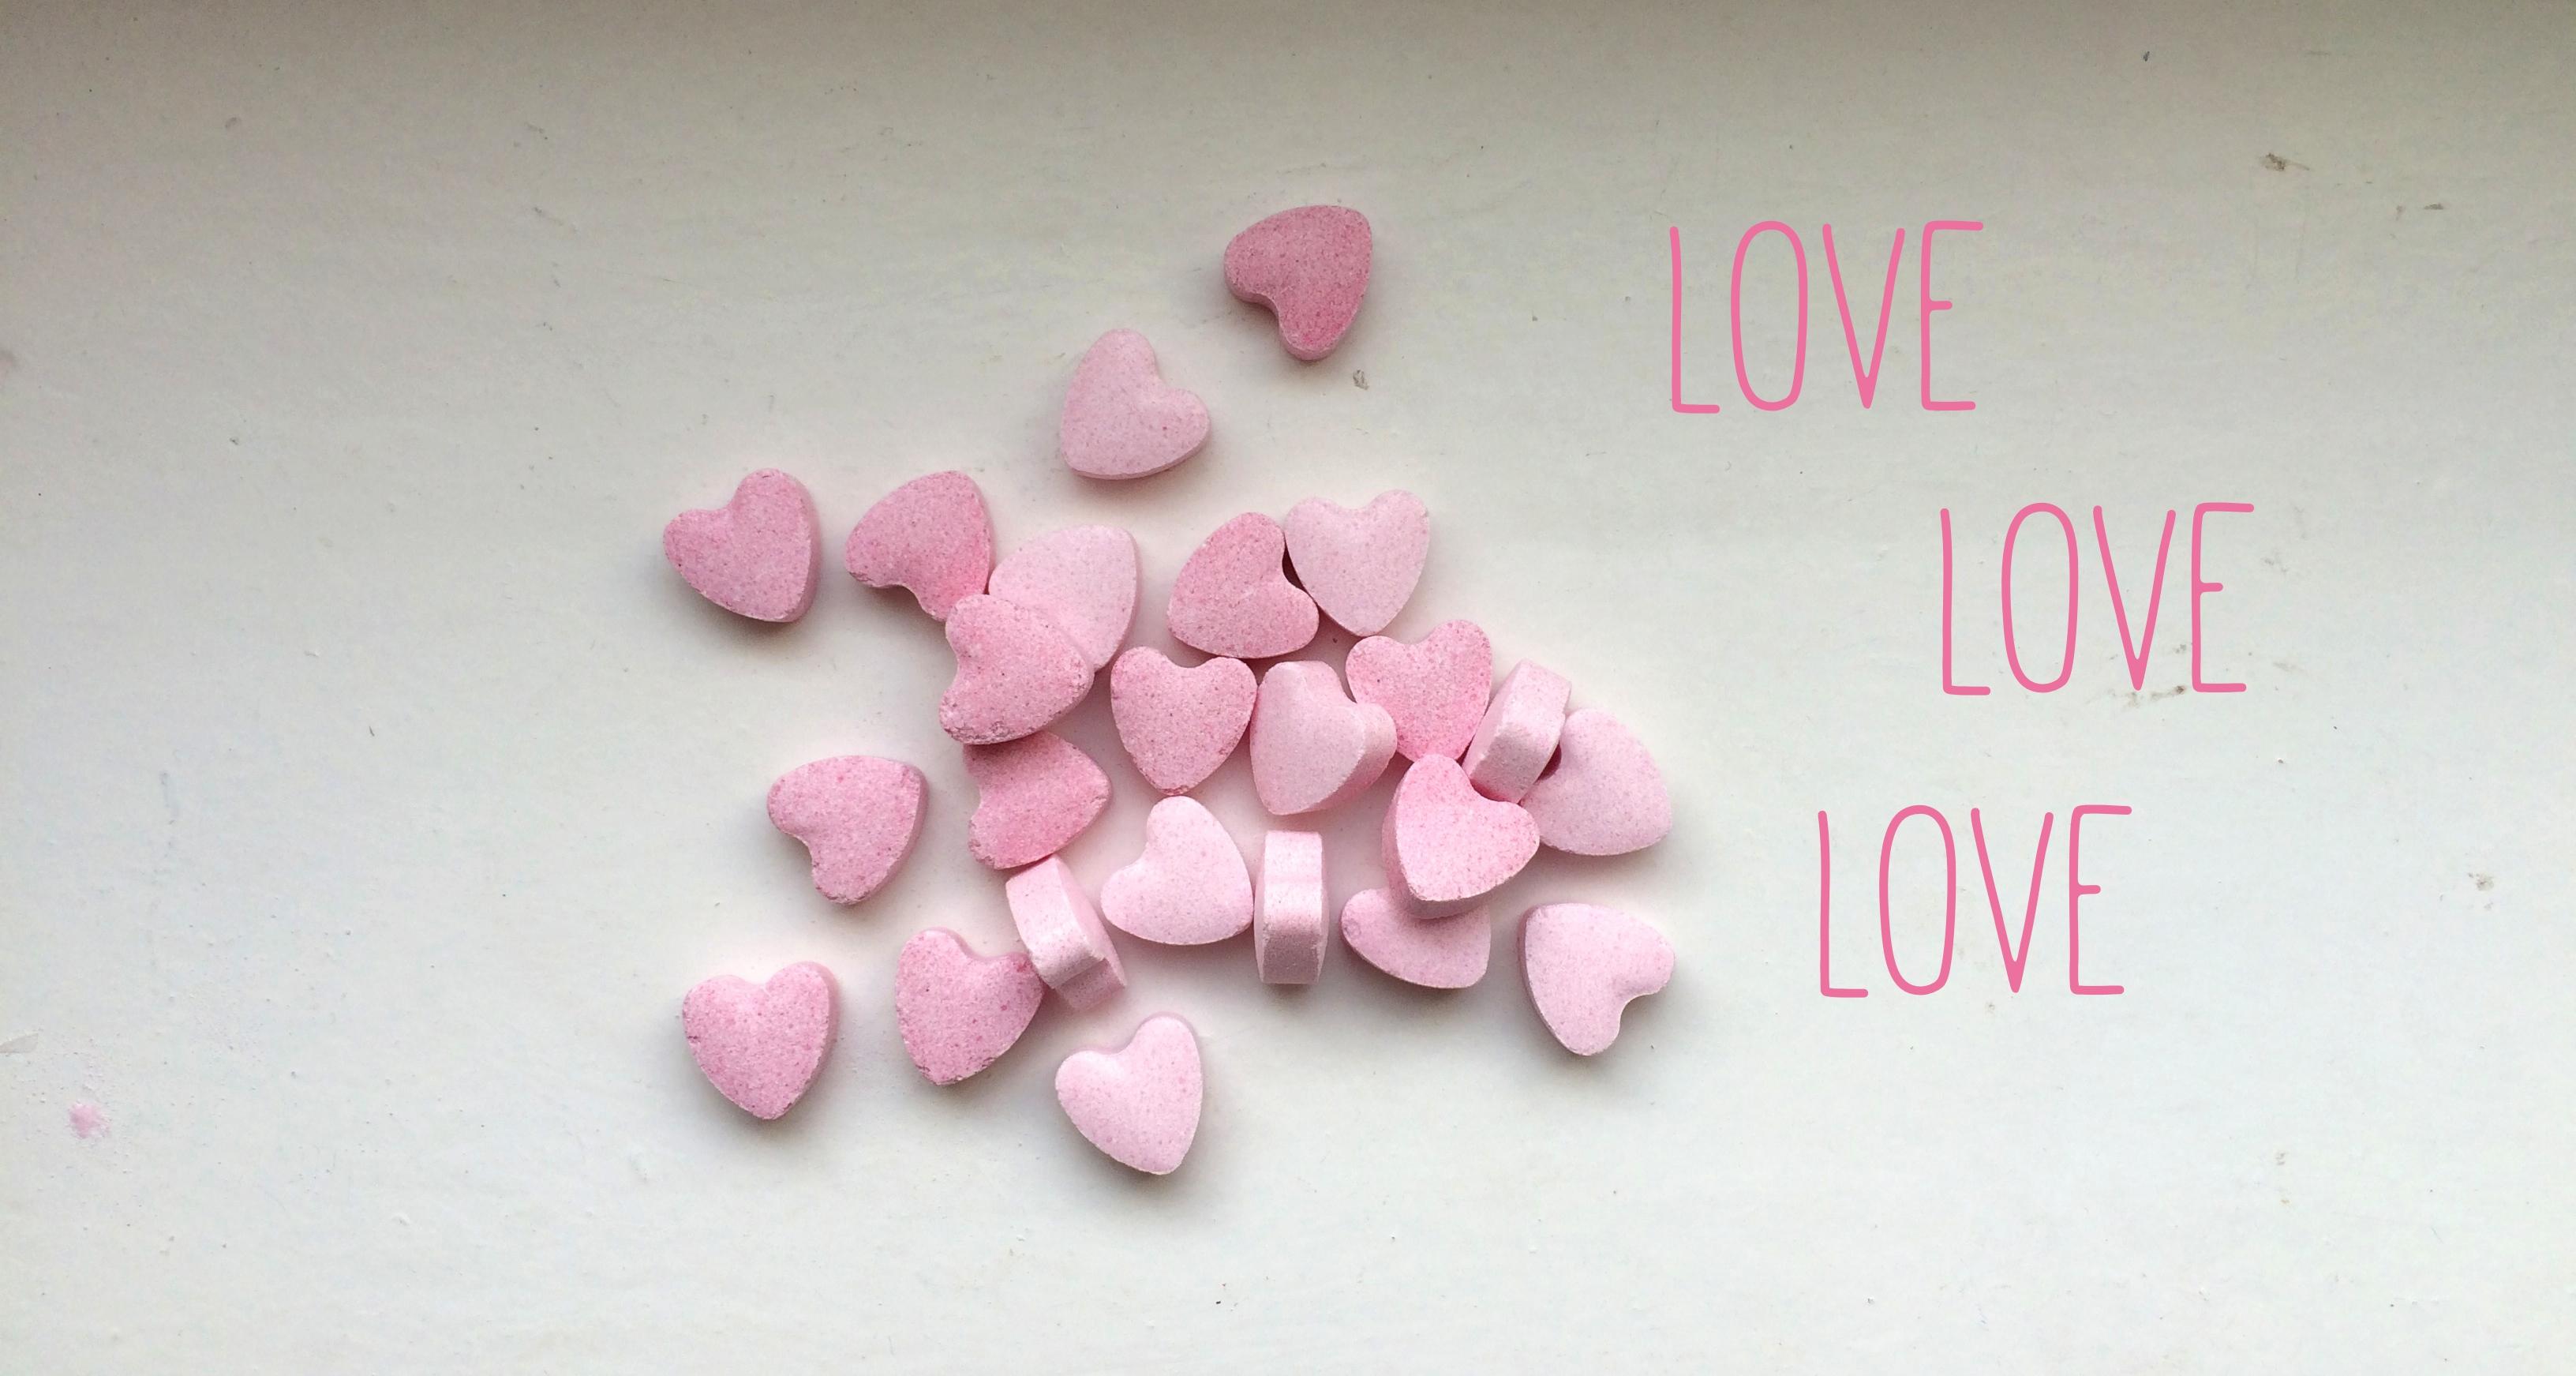 Ein persönliches Gedicht zum Valentinstag